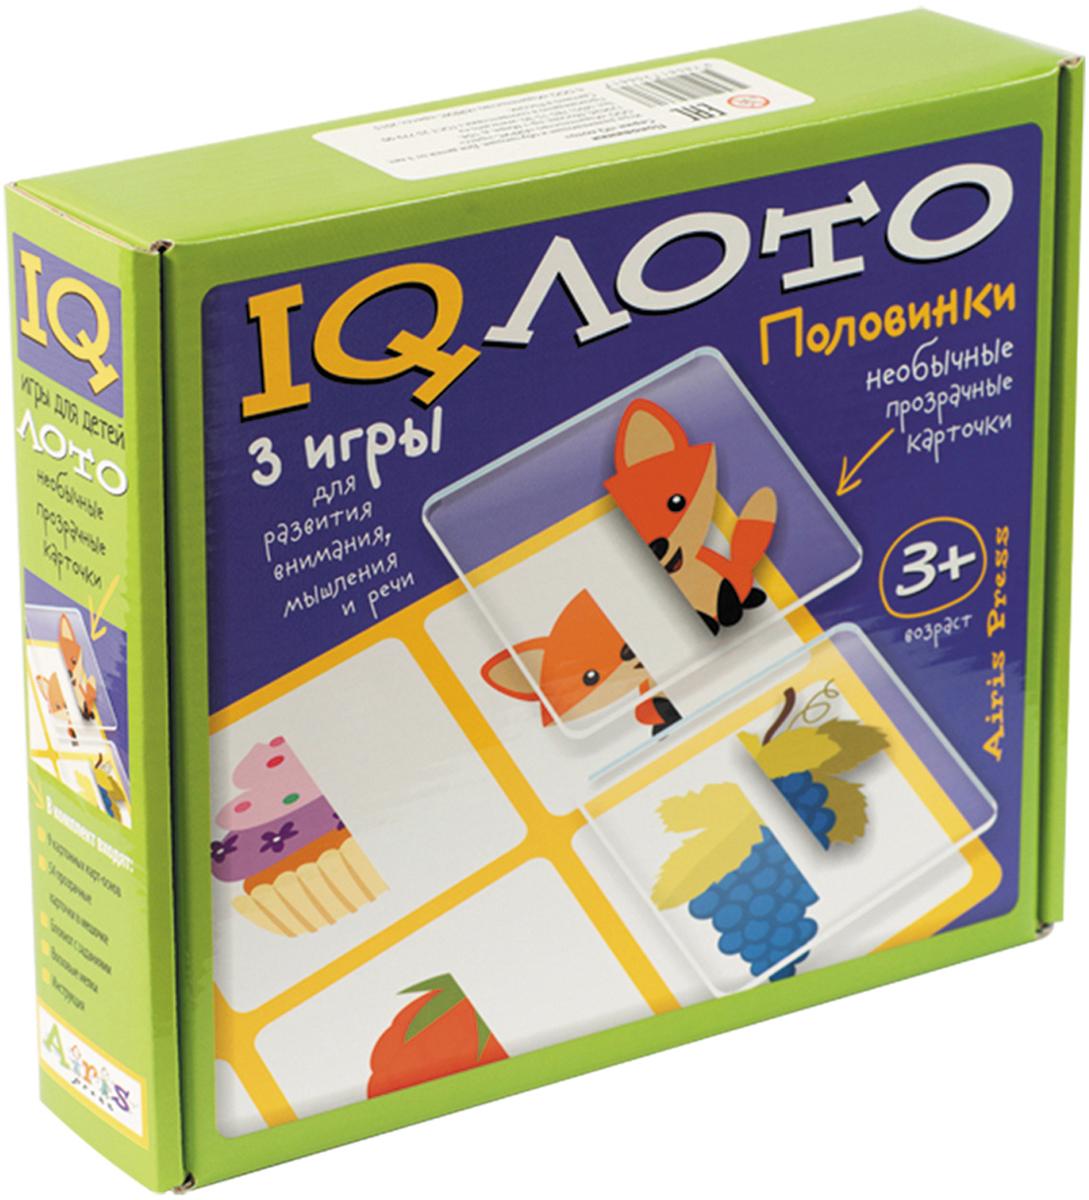 Айрис-пресс Обучающая игра Половинки 3 в 1 раннее развитие айрис пресс мастерская малыша чемоданчик 3 набор основ и материалов для творчества